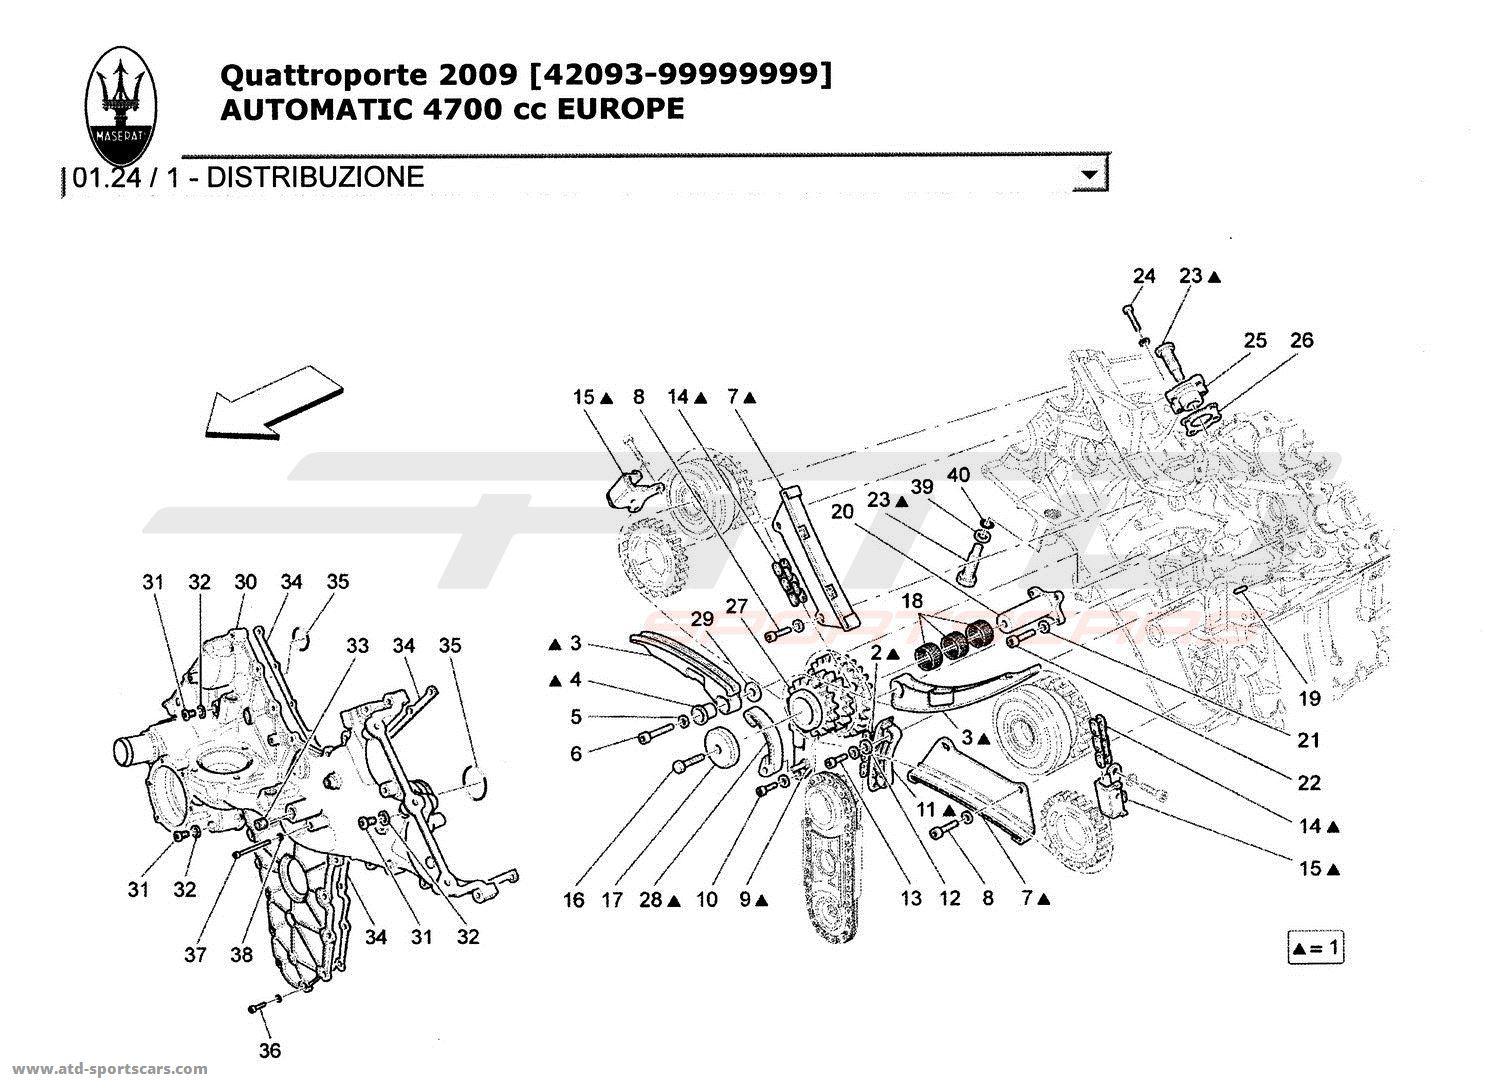 maserati quattroporte 4 7l boite auto 2009 engine parts at atd